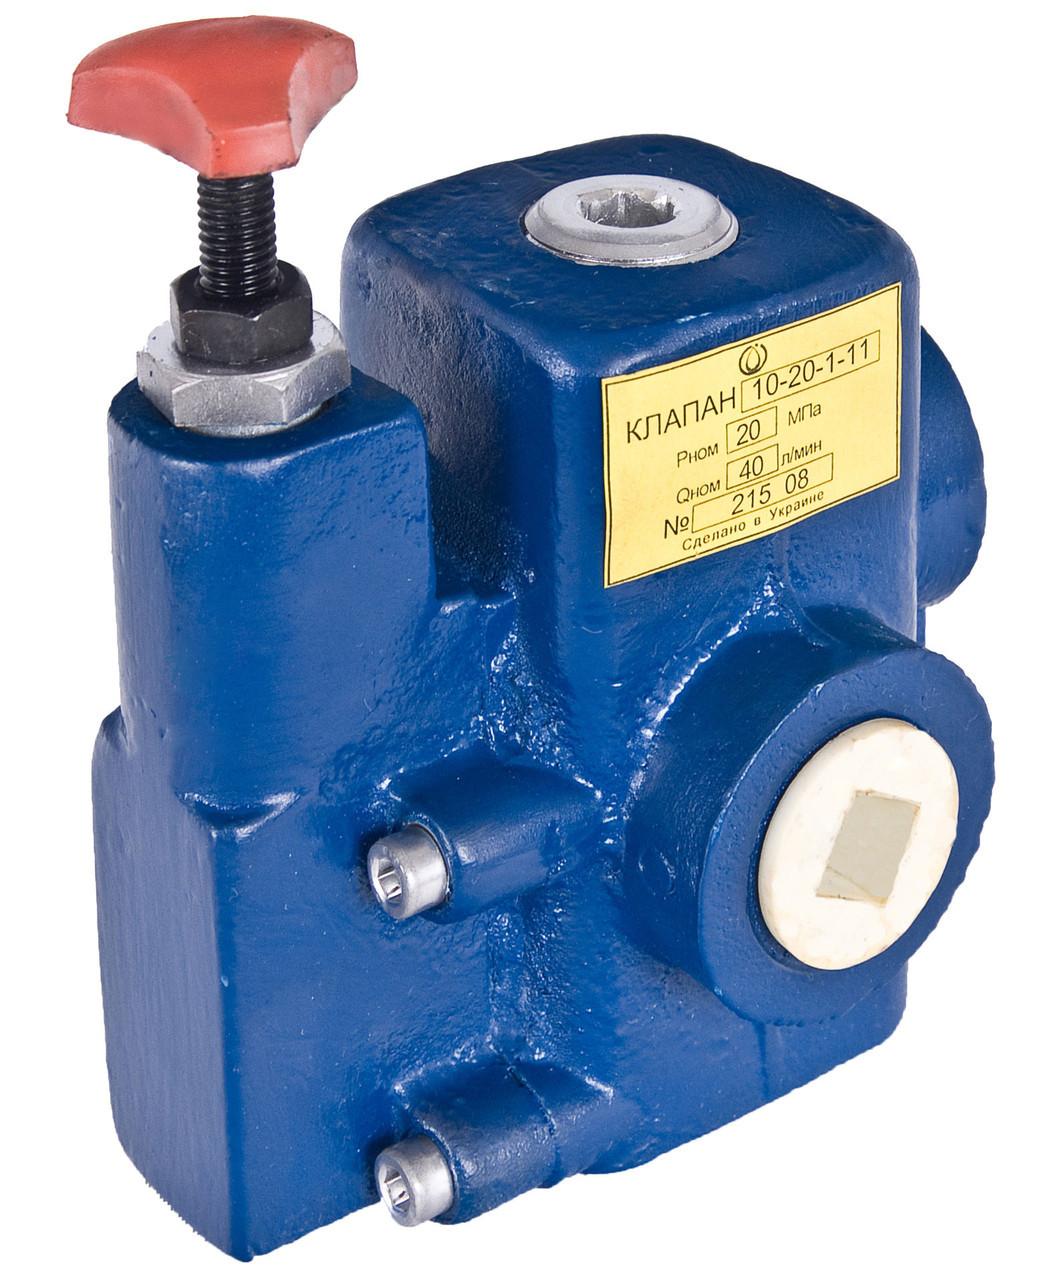 Гидроклапан М-КП 10-20-1-11